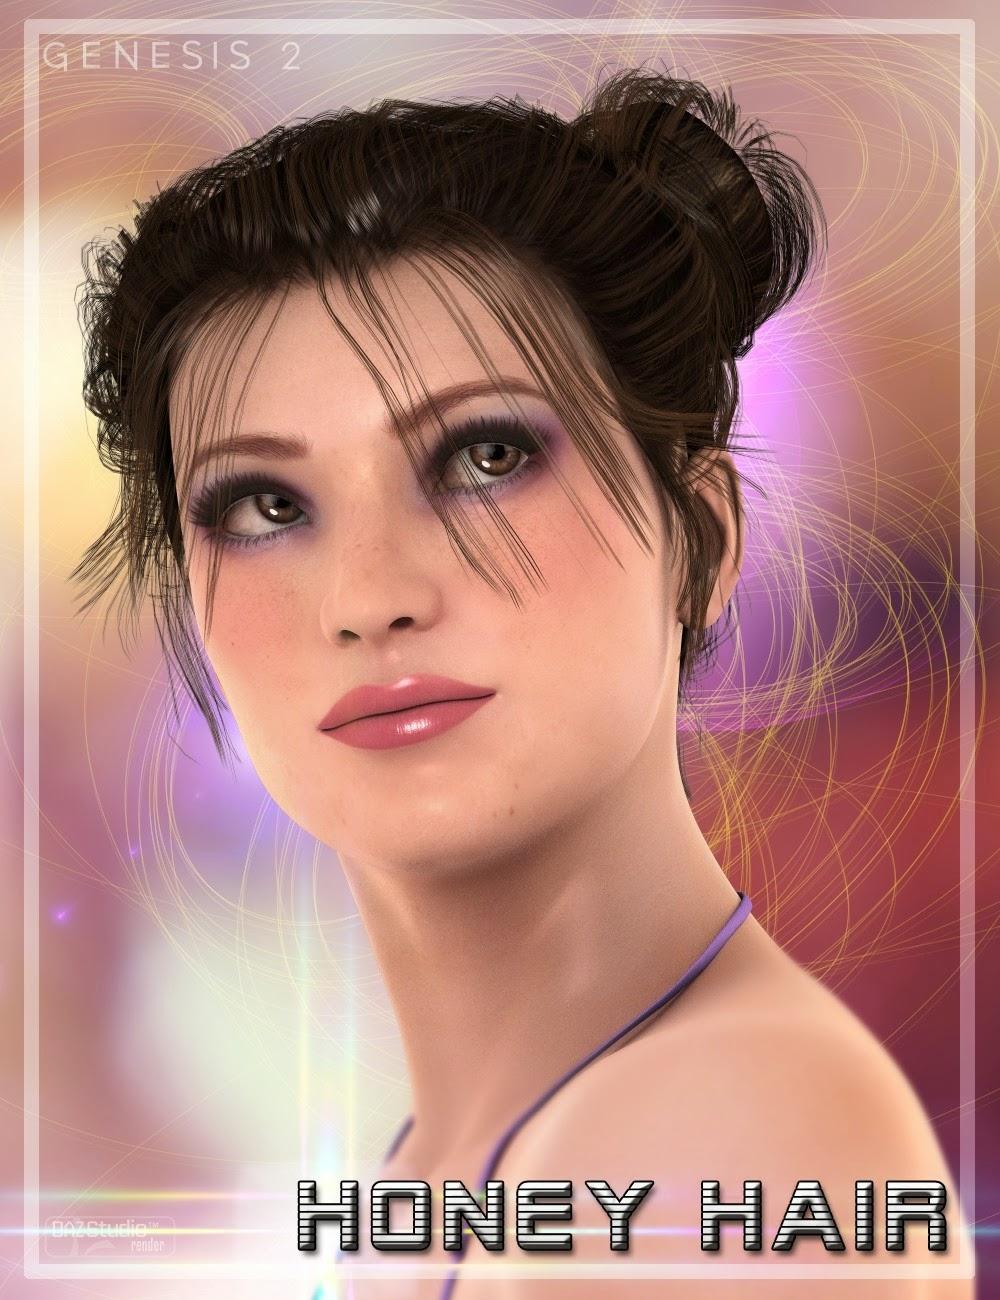 Honey cheveux pour Genesis 2 Femme